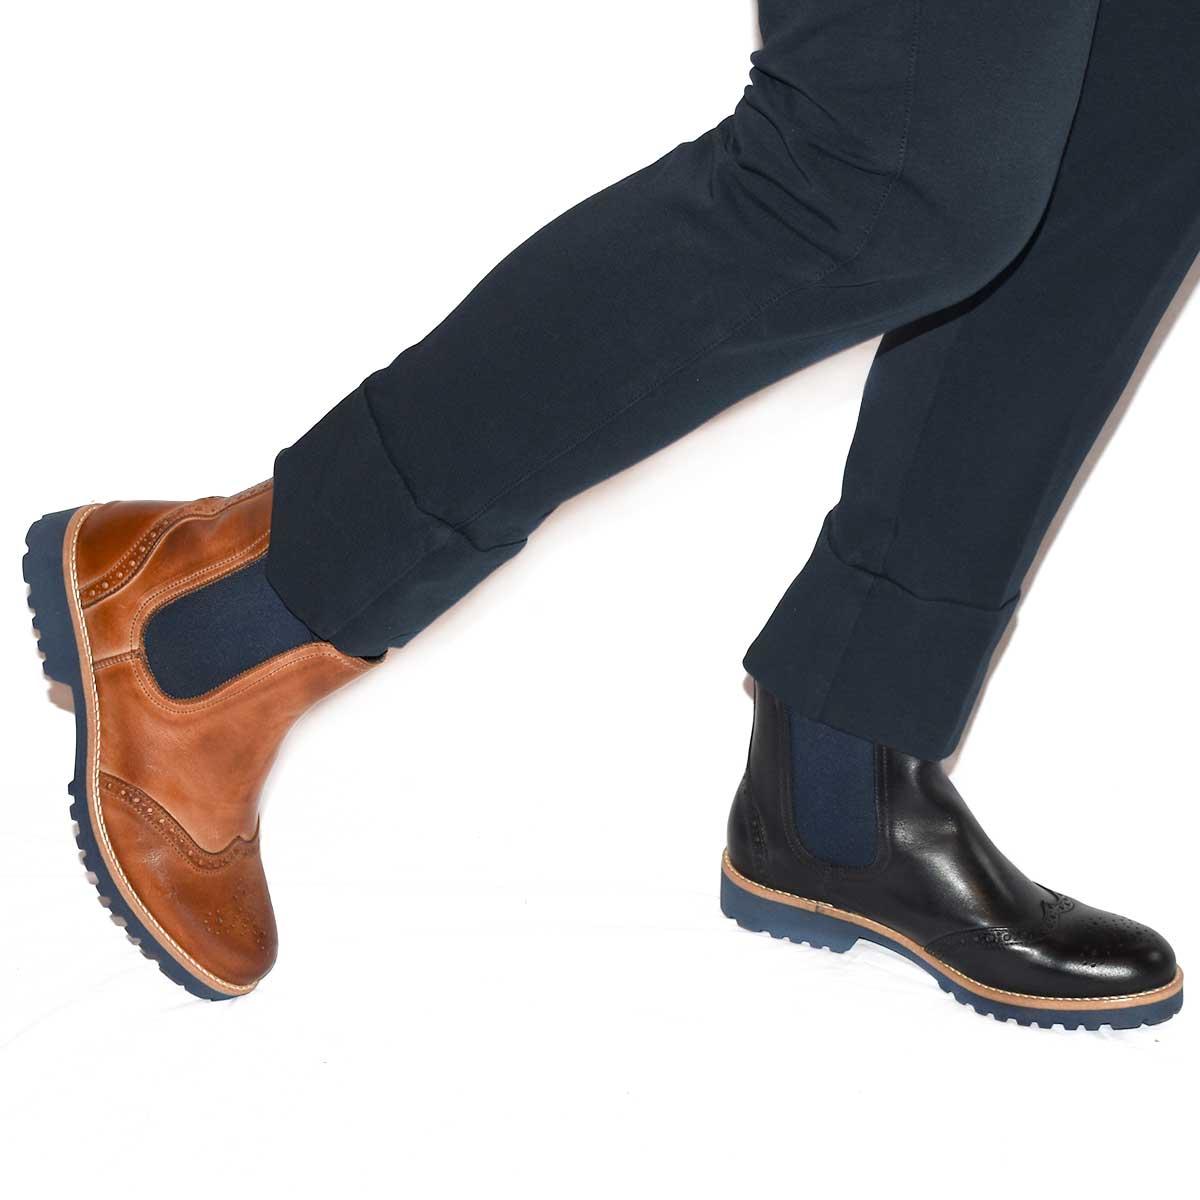 Nicola Benson Ankle Chelsea Boots